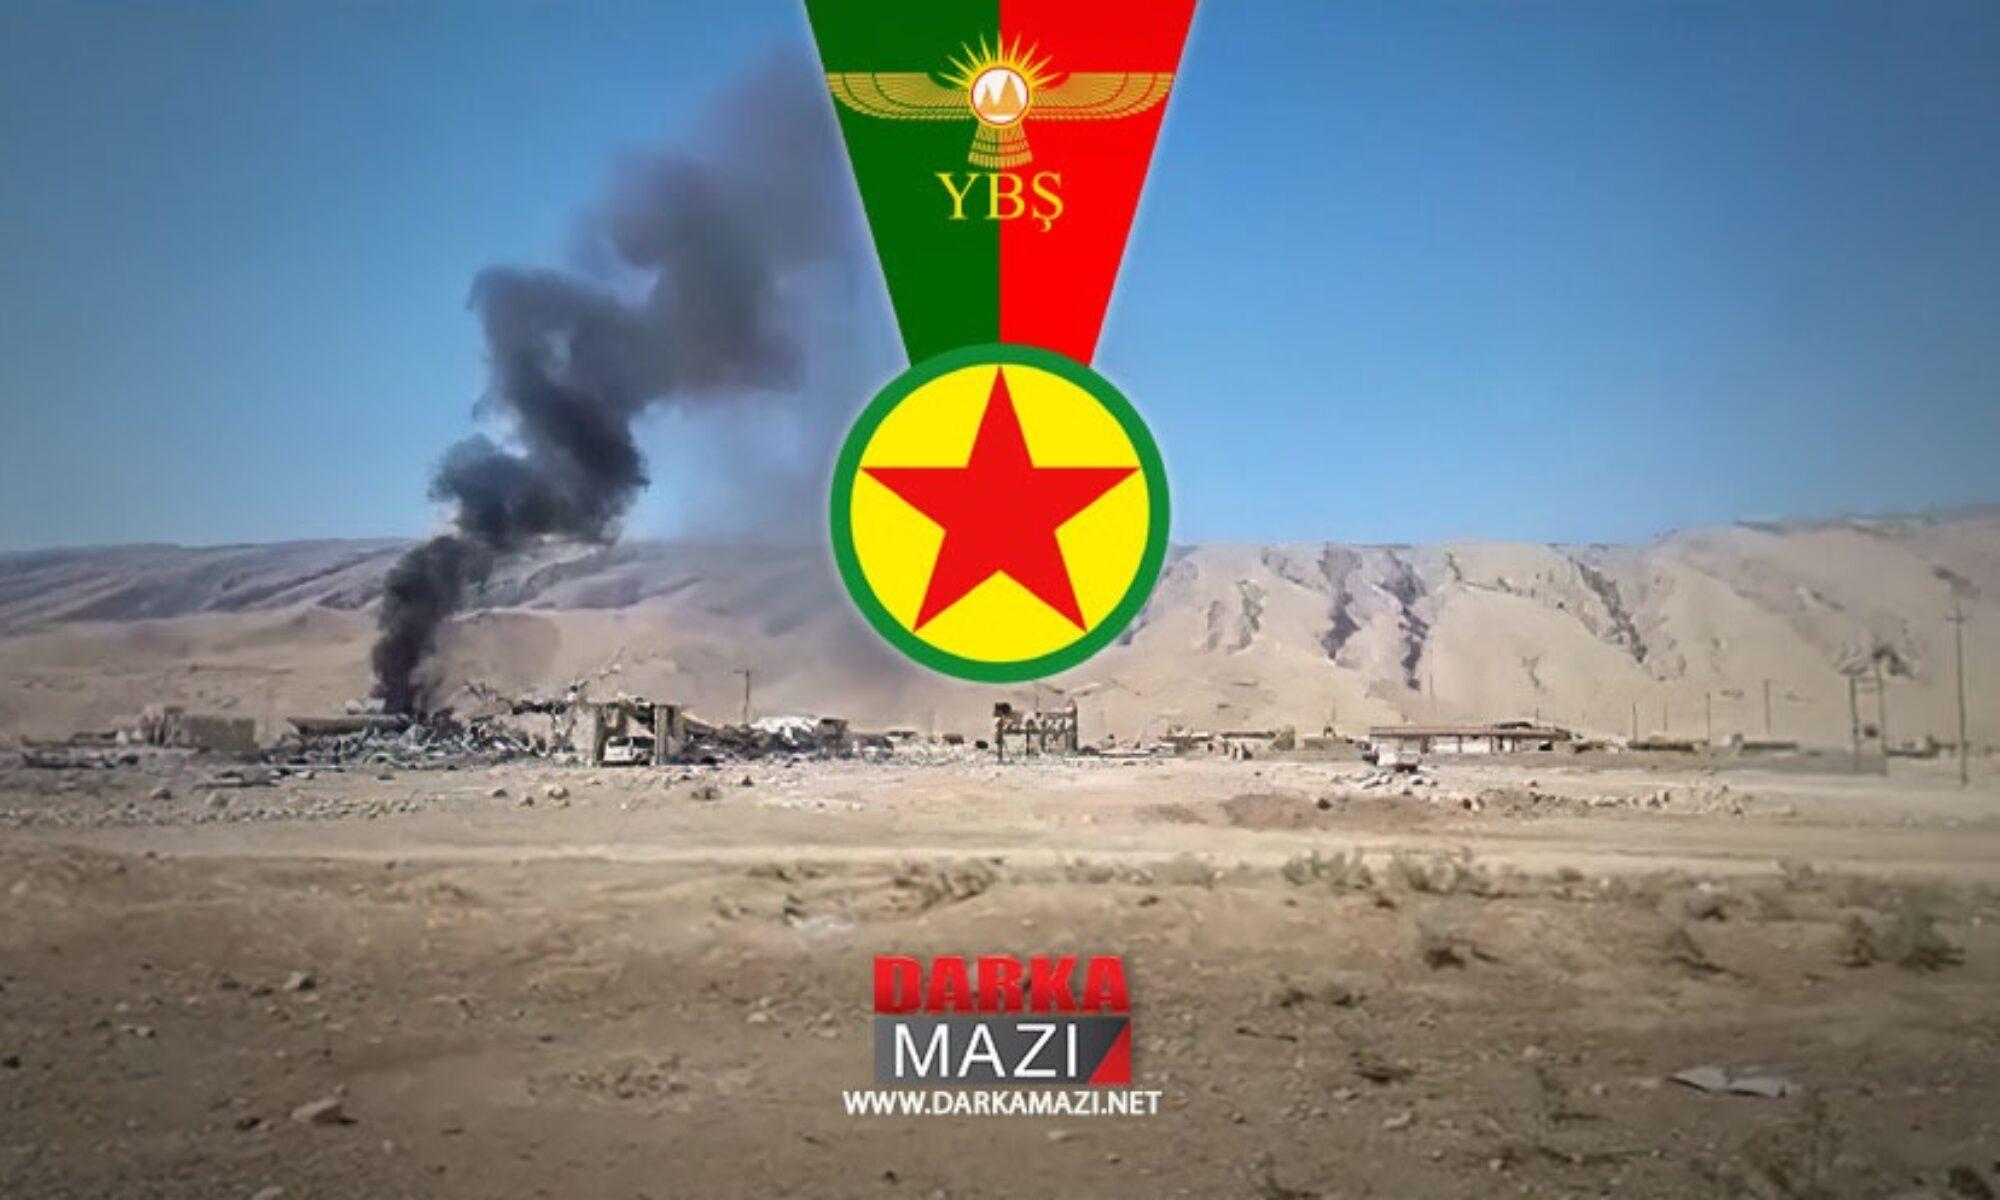 PKK'ye bağlı Şengal Meclisi: Dün ki saldırıda 8 kişi hayatını kaybetti, 4 kişi yaralandı YBŞ Şengal, Sikênîye